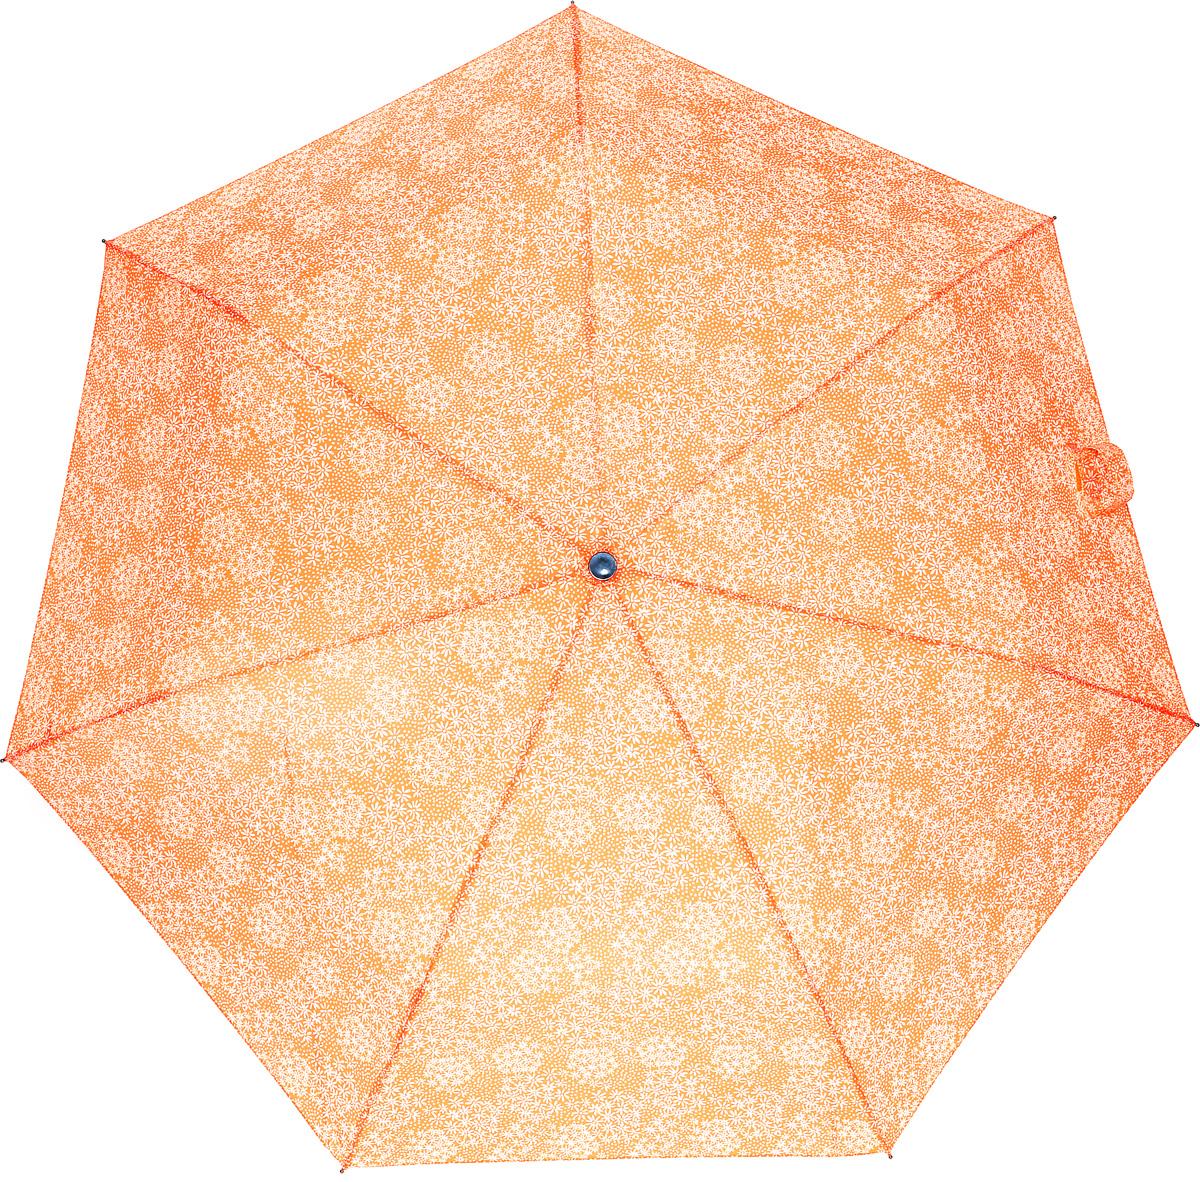 C-Collection 534-6 Зонт полный автом. 3 сл. жен.534-6Зонт испанского производителя Clima. В производстве зонтов используются современные материалы, что делает зонты легкими, но в то же время крепкими.Полный автомат, 3 сложения, 7 спиц, полиэстер.